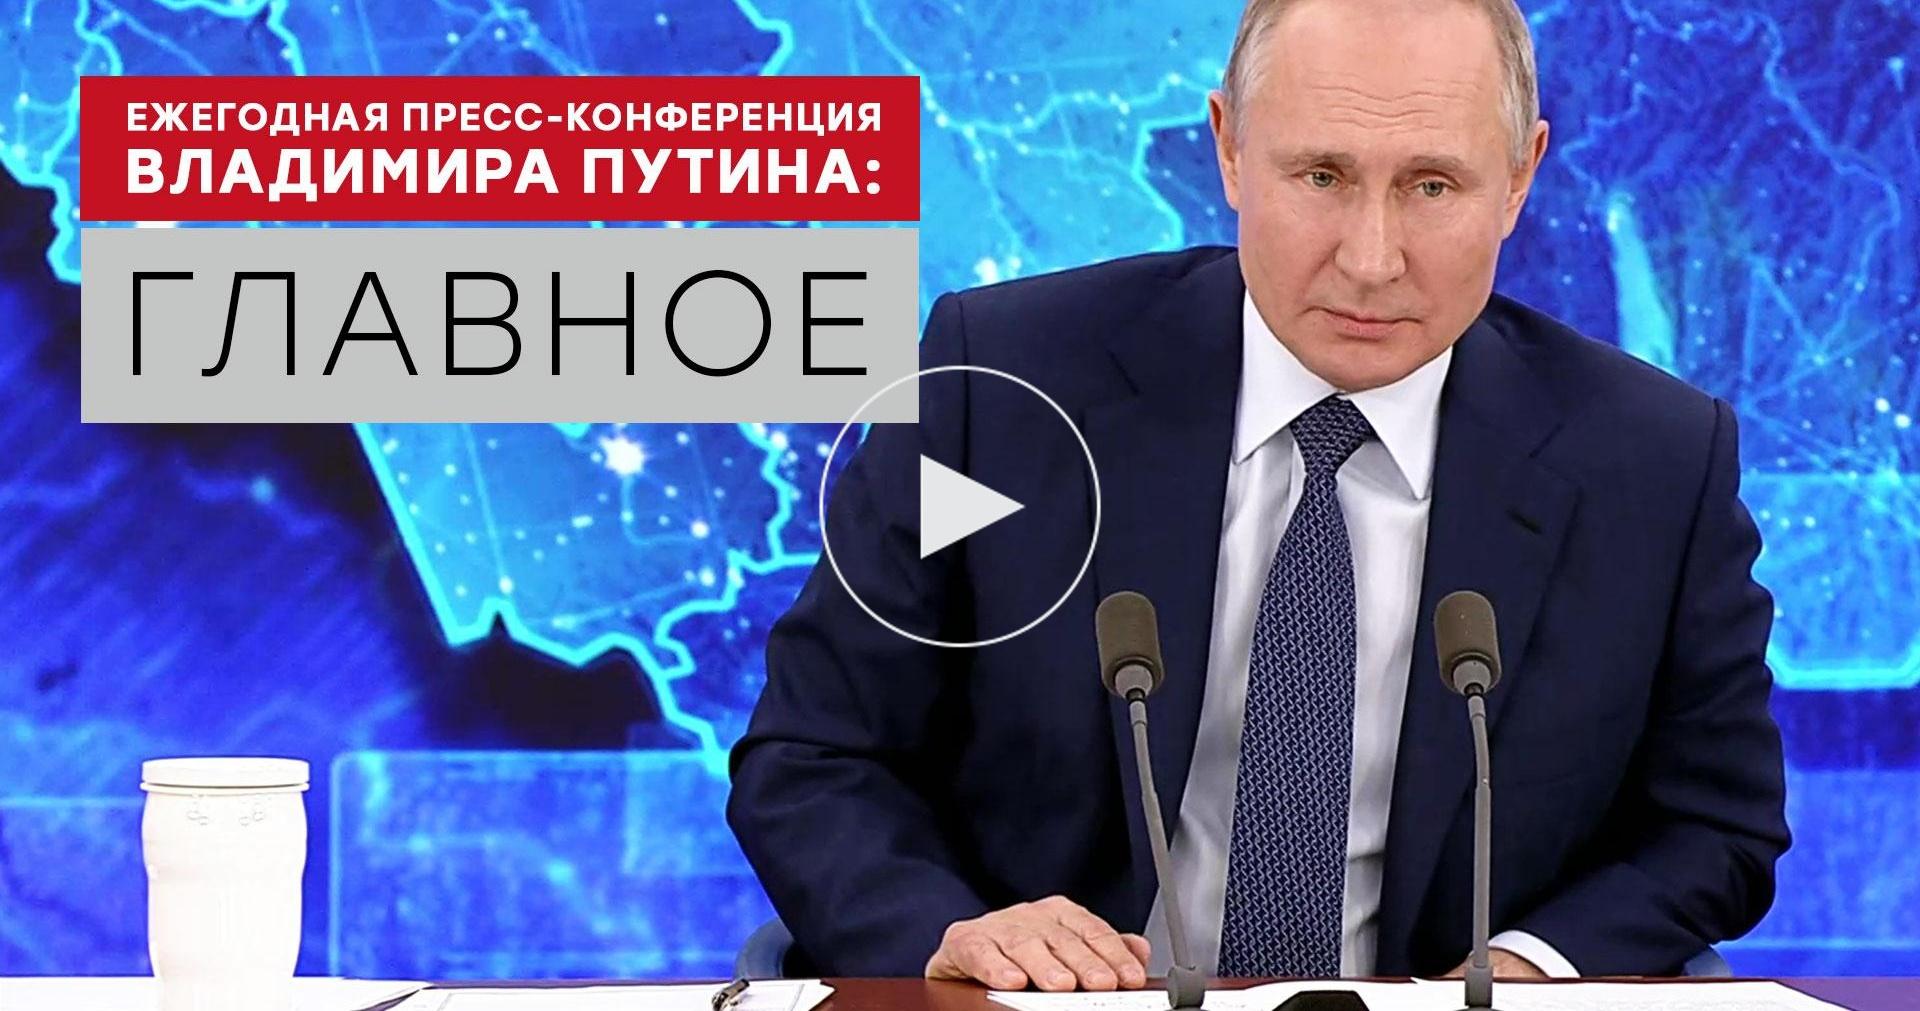 Ежегодная <nobr>пресс-конференция</nobr> Путина: коротко оглавном